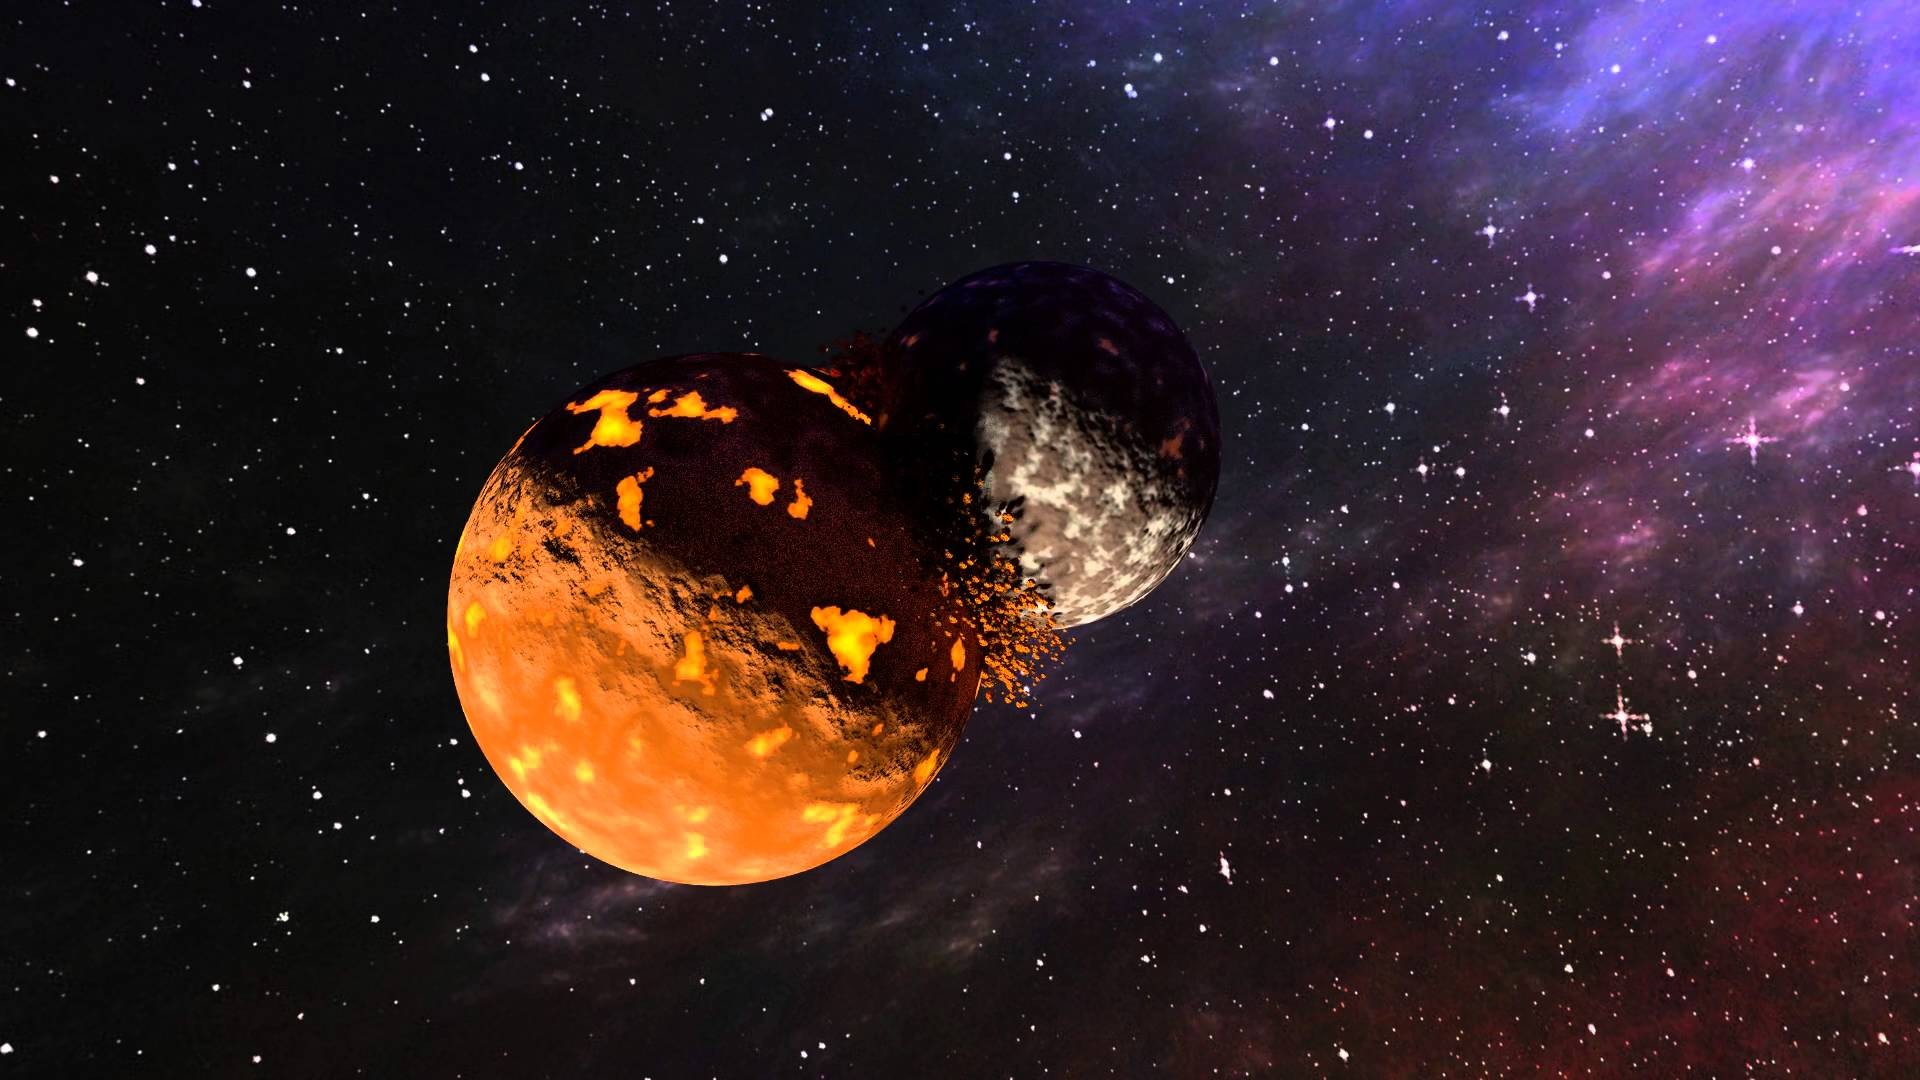 Земля столкнется сМарсом вдальнейшем - астрофизики